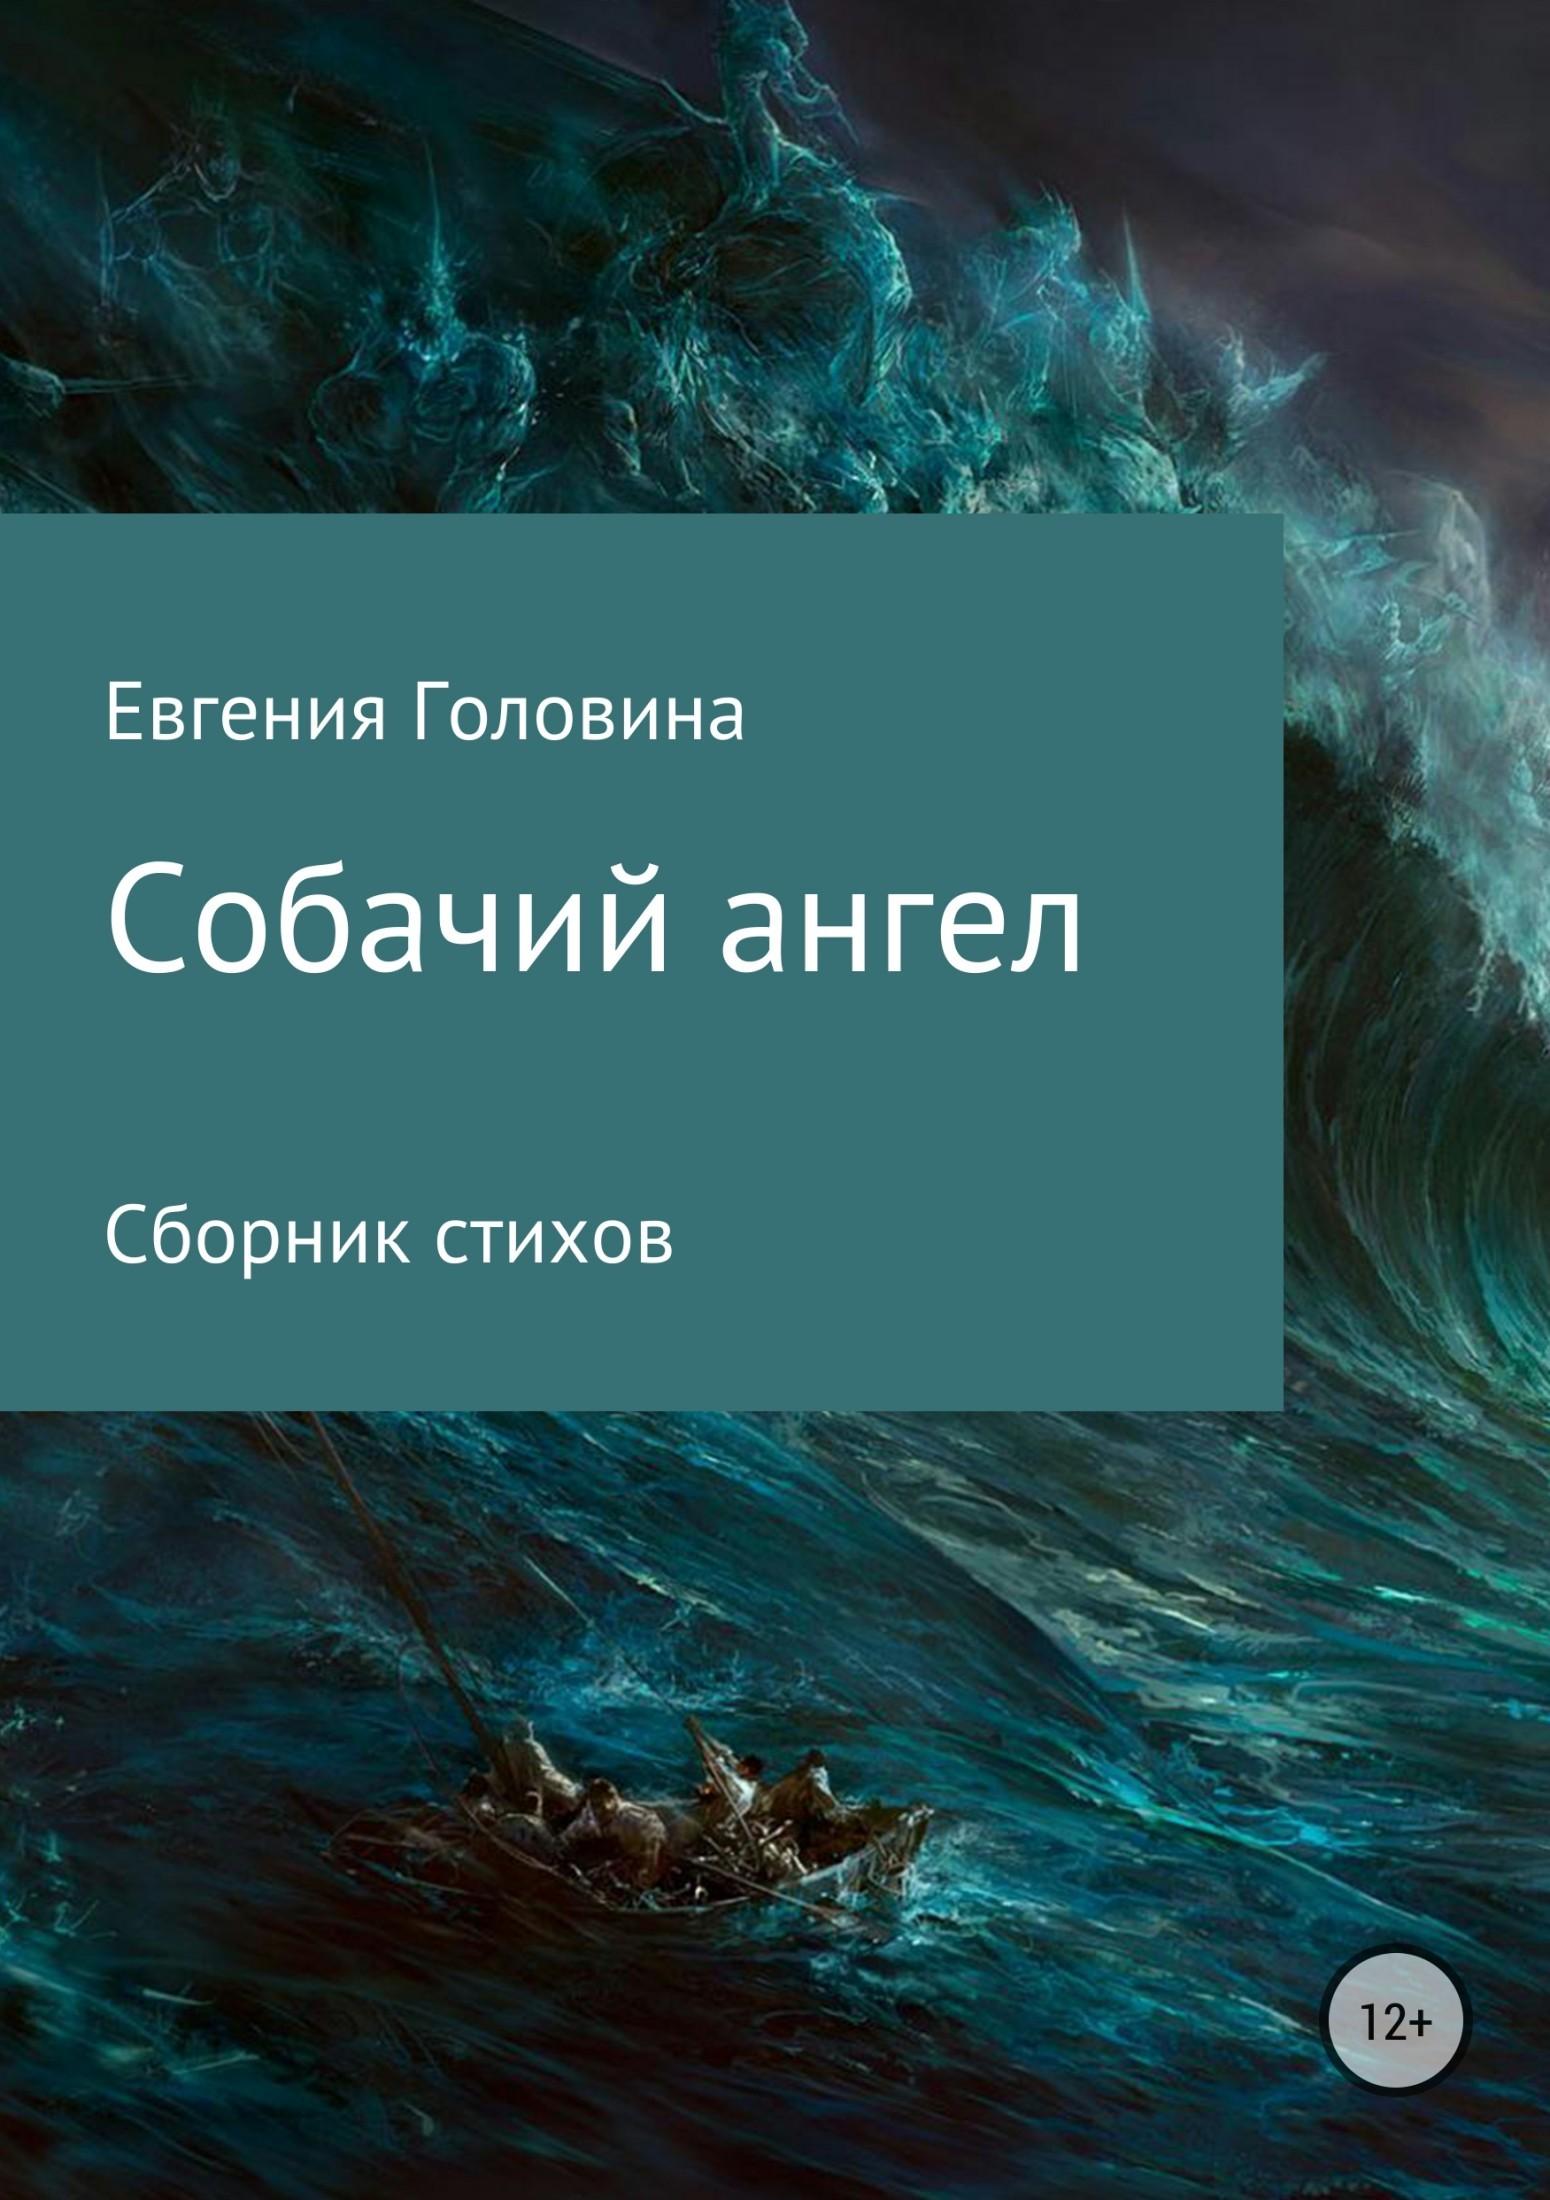 Евгения Головина Собачий ангел фрост валери история классической попаданки тяжелой поступью роман